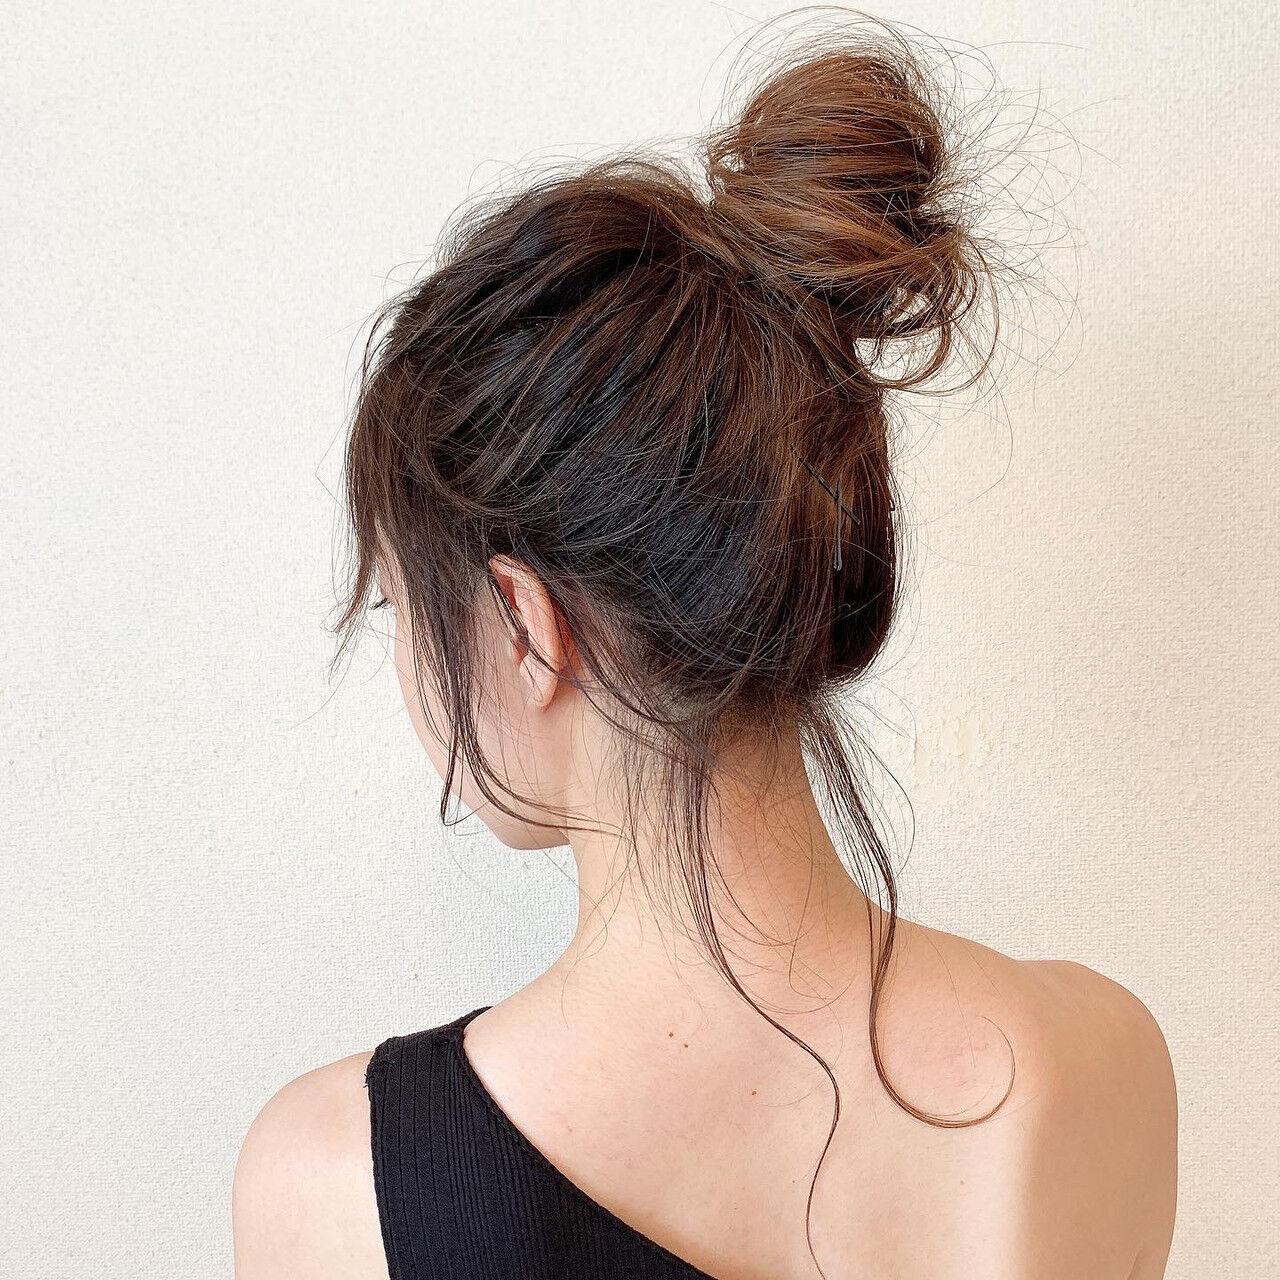 ロング ミルクティーベージュ お団子アレンジ グラデーションカラー ヘアスタイルや髪型の写真・画像